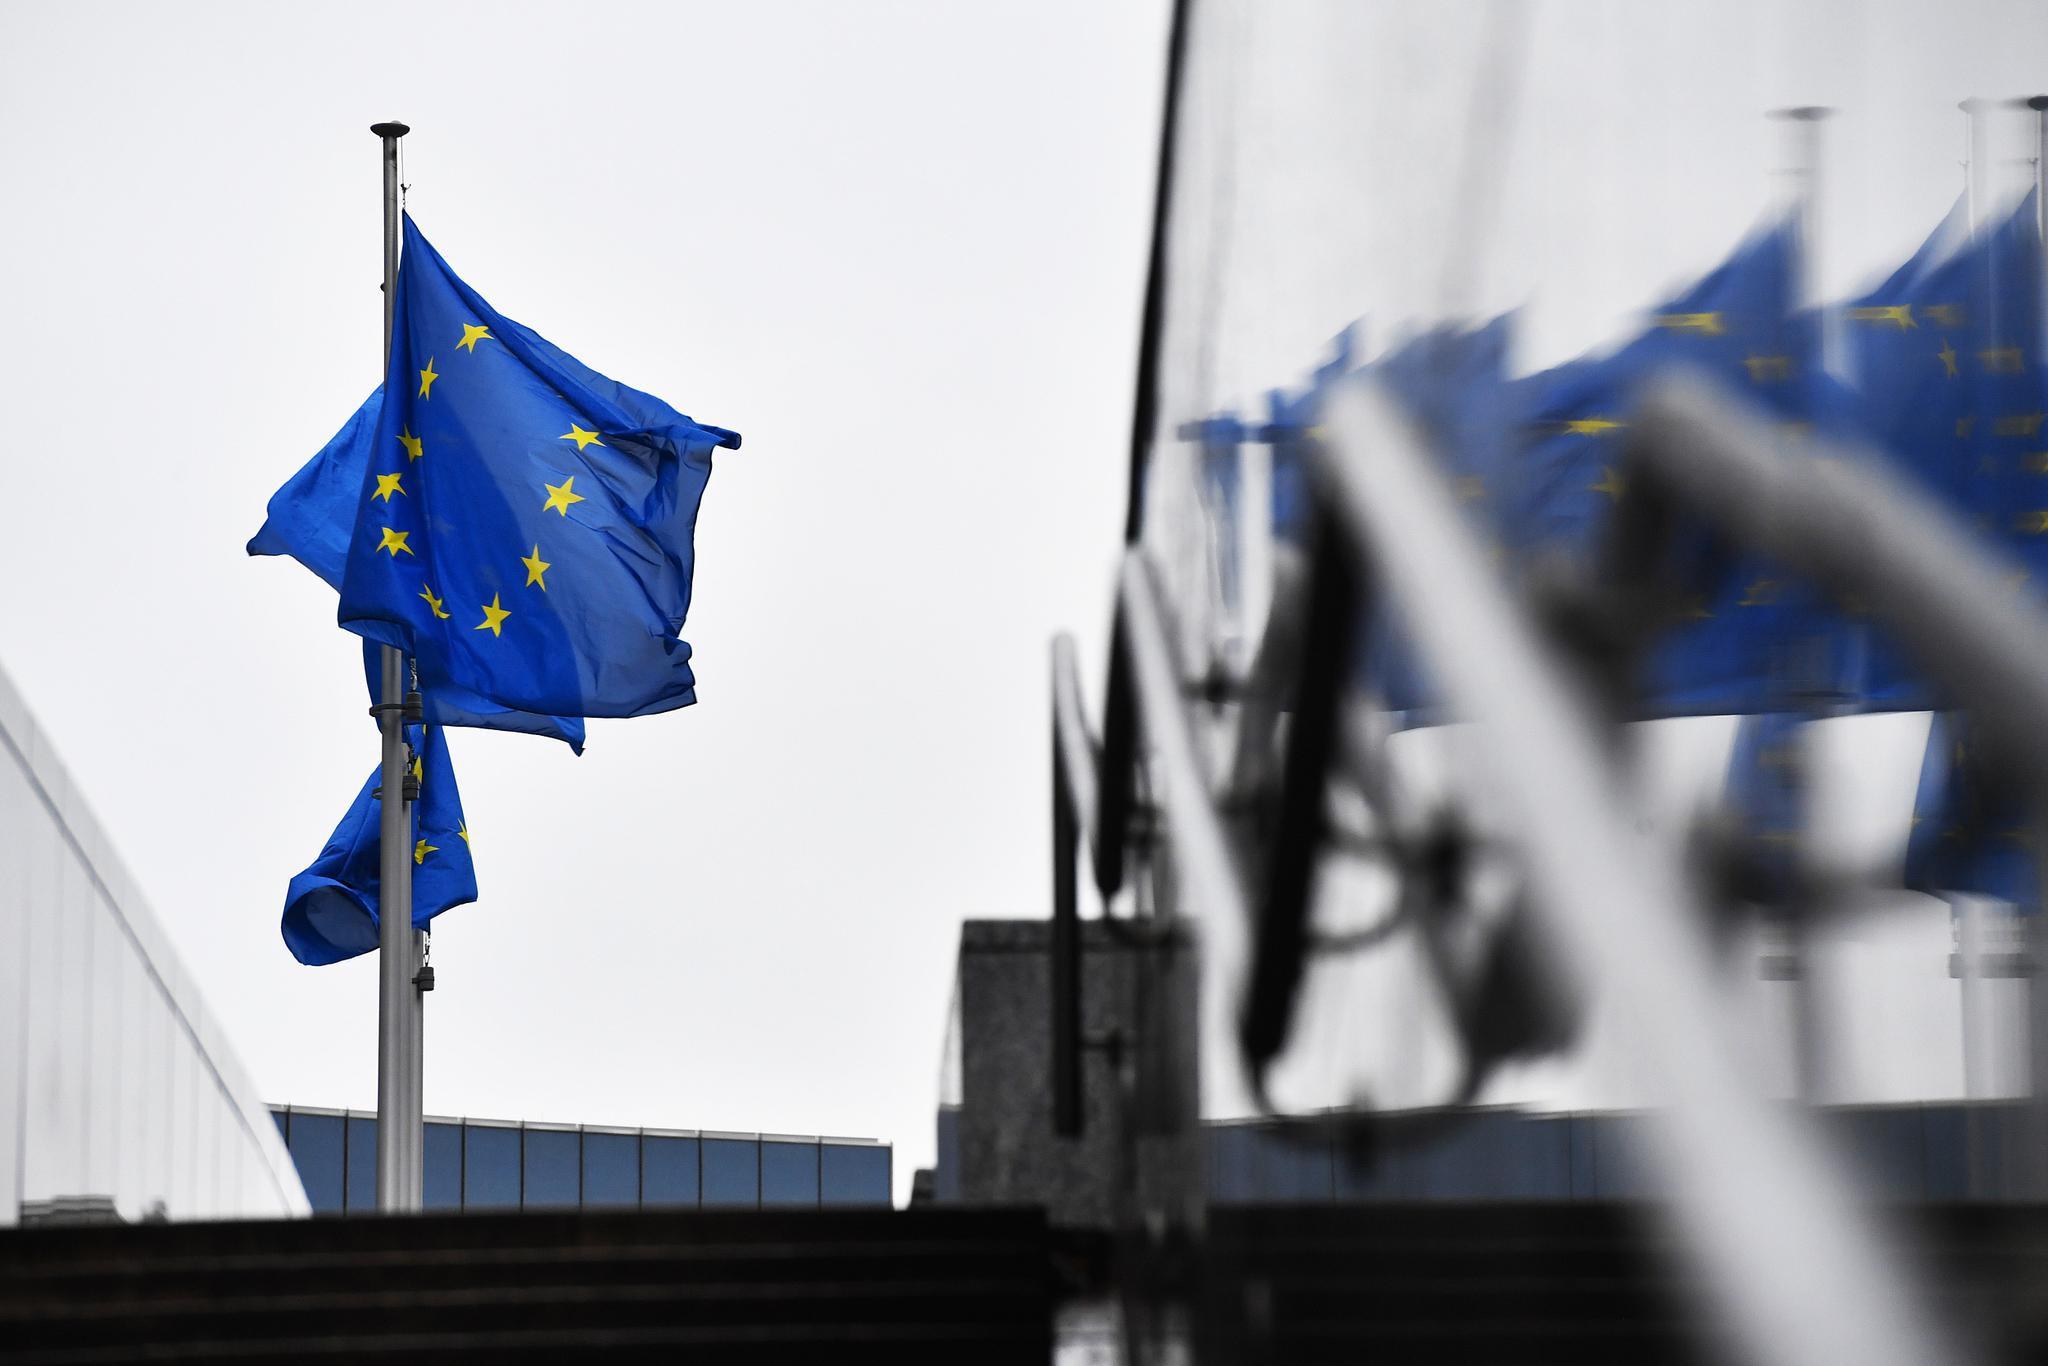 近30年来首次,欧盟就新疆问题同意制裁中国图片